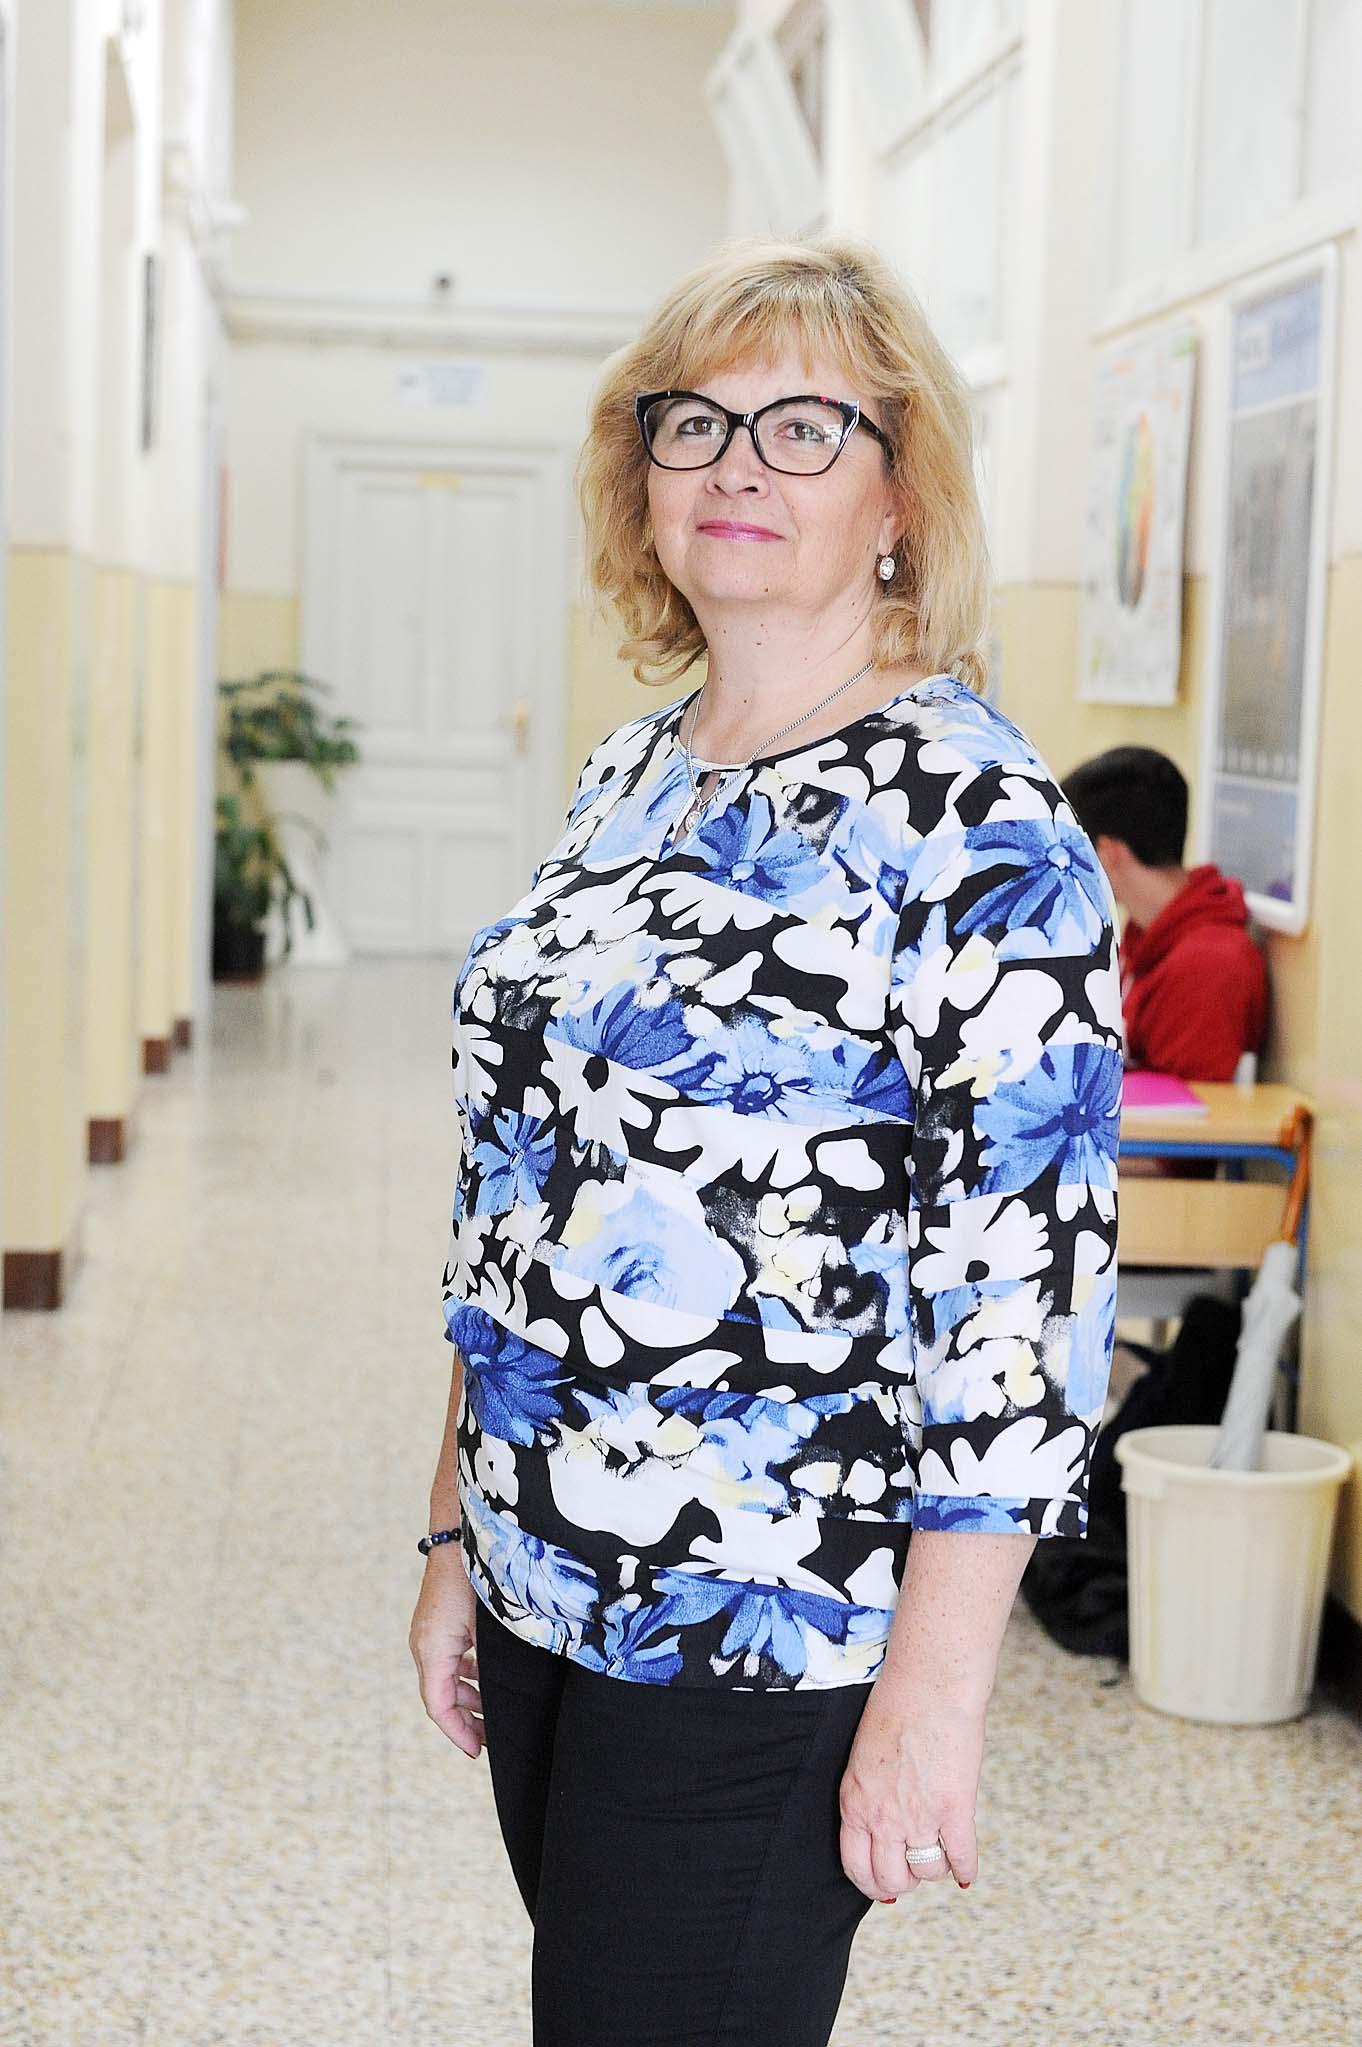 Razboljela se zbog neugodne priče - Ksenija Beljan / NL arhiva